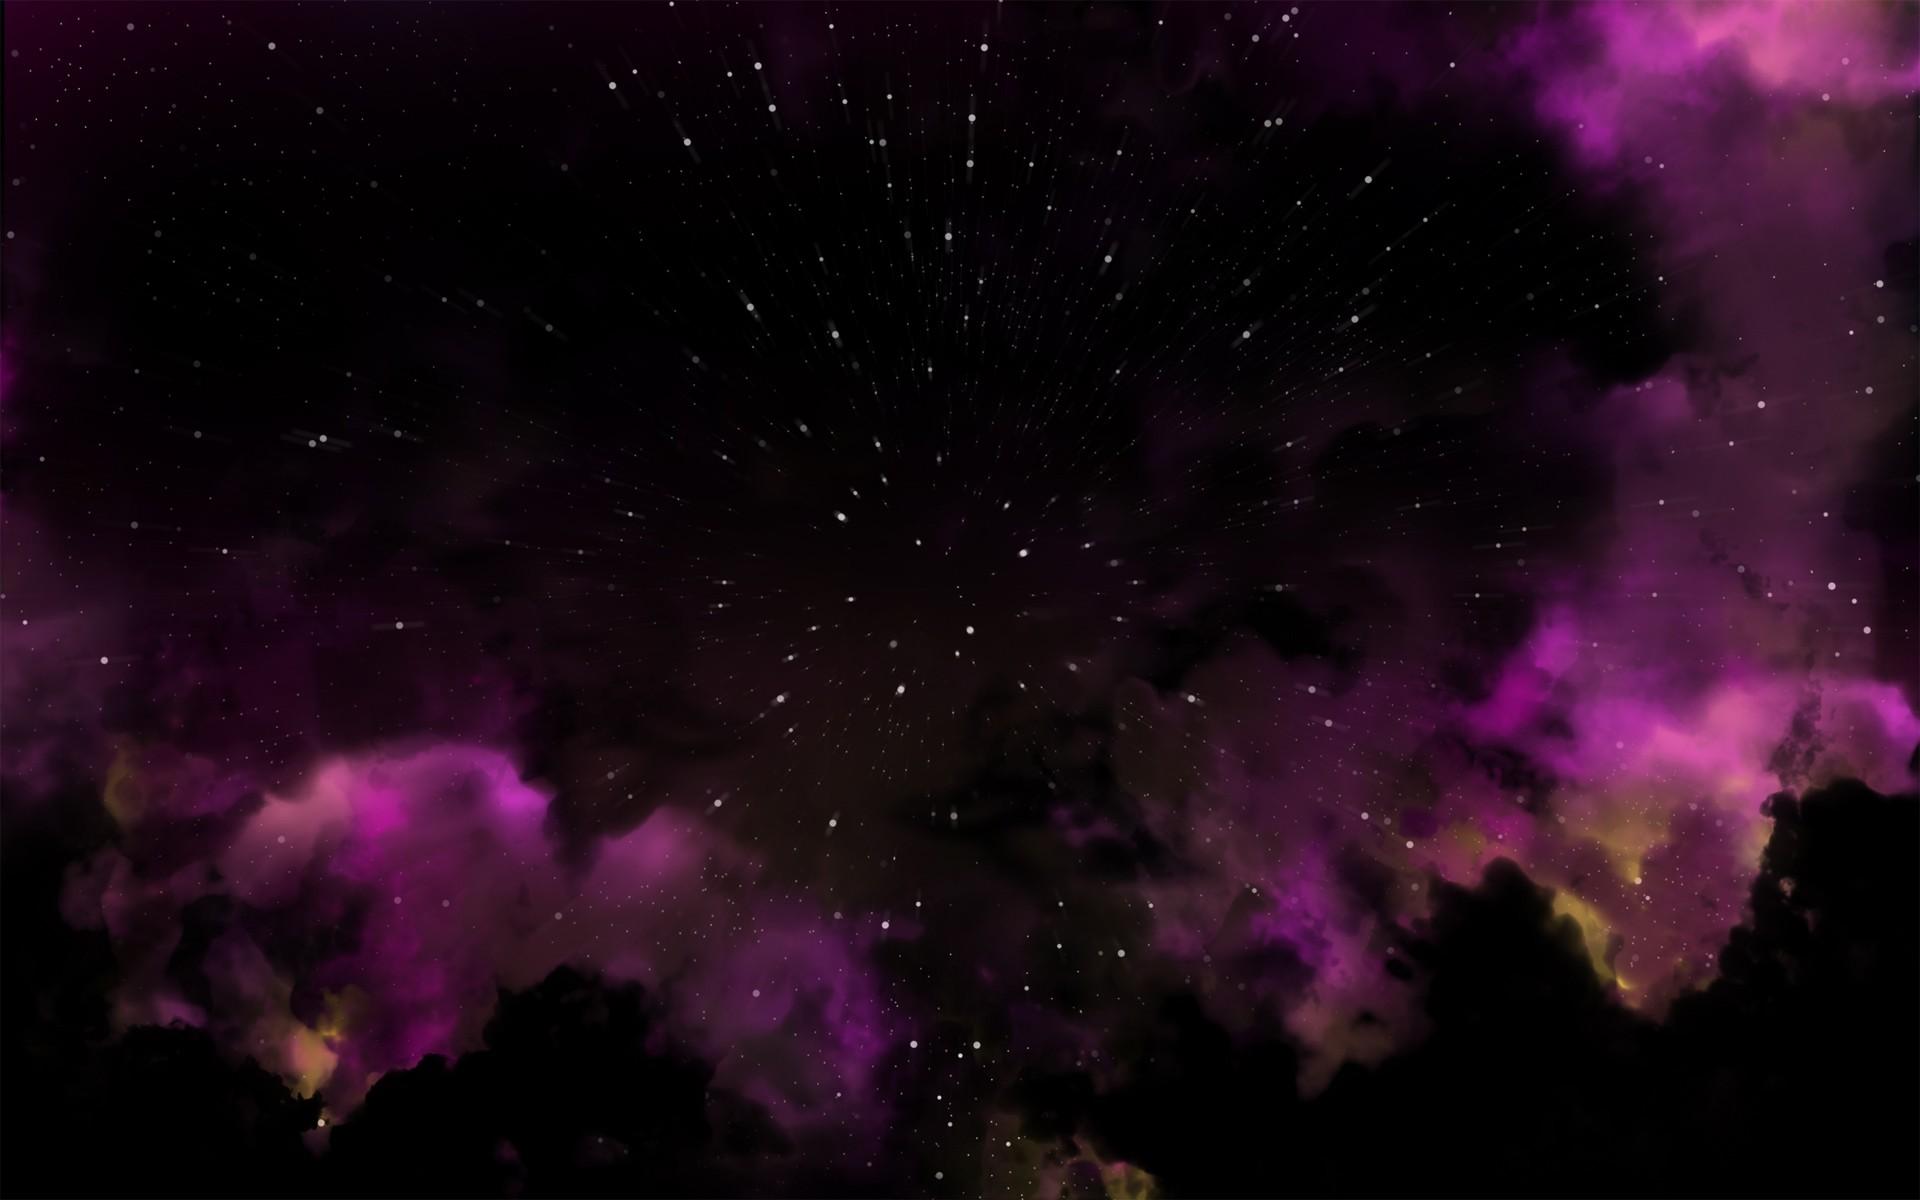 Astro Aerospace Full Hd Earth Wallpaper Space Wallpaper - Purple Nebula Desktop Background , HD Wallpaper & Backgrounds